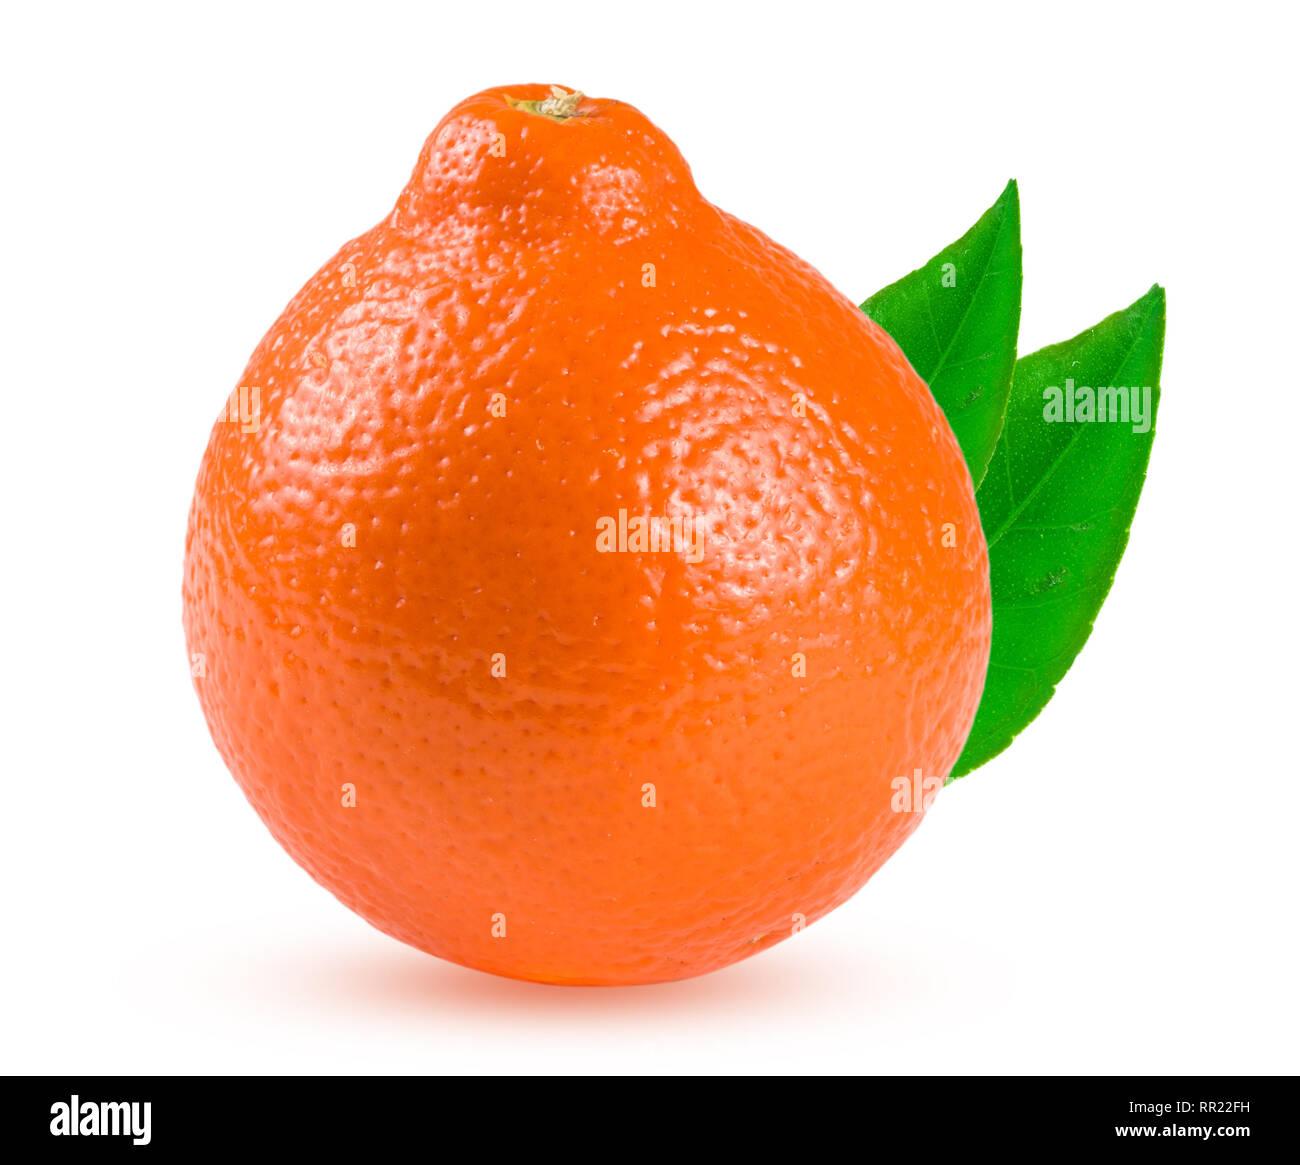 orange tangerine or Mineola with leaf isolated on white background - Stock Image